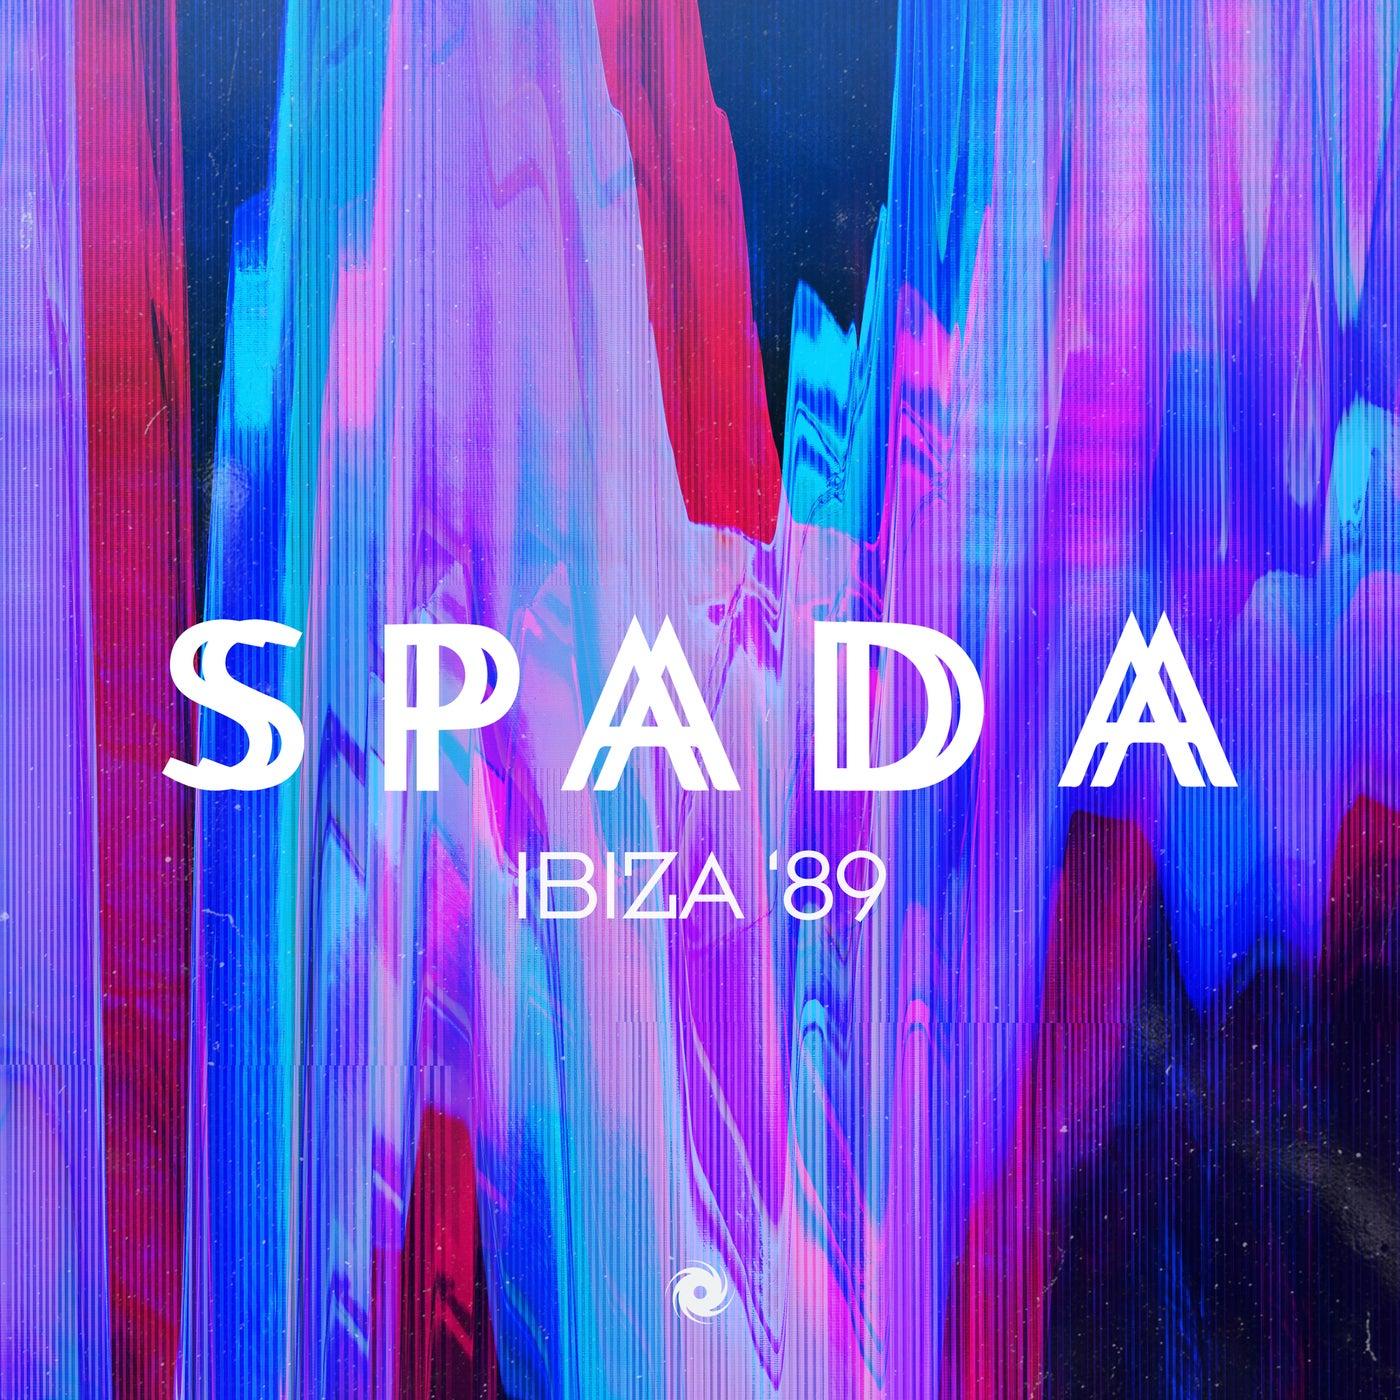 Ibiza '89 (Extended Mix)